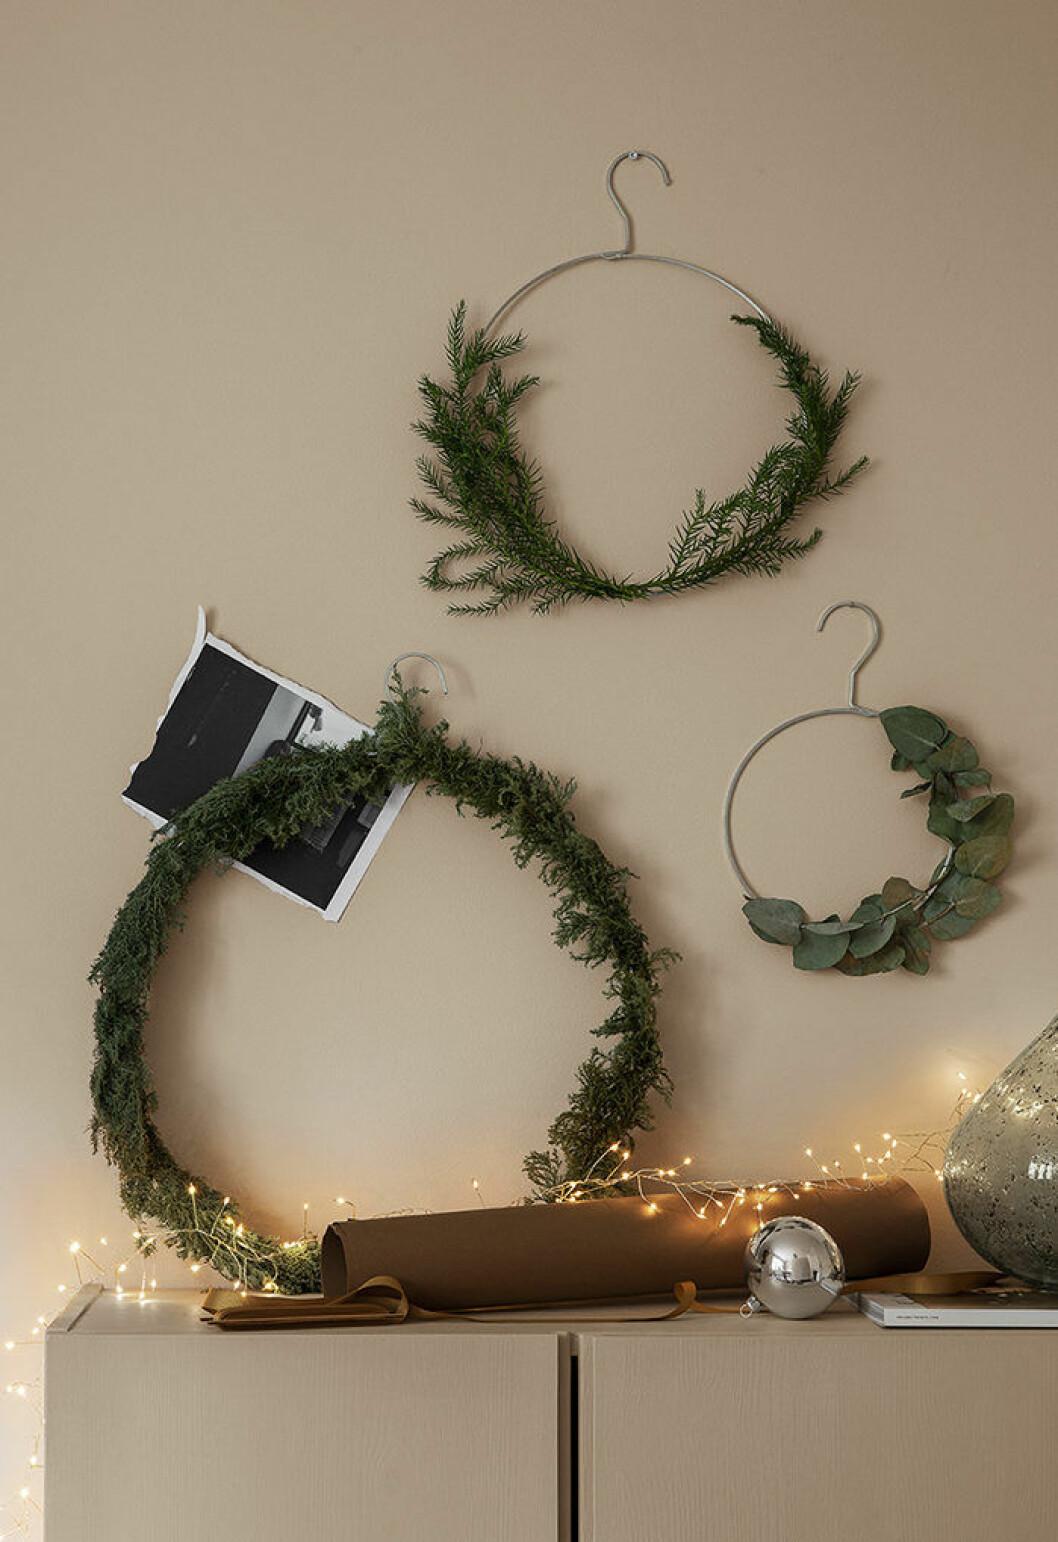 diy minimalistisk julkrans